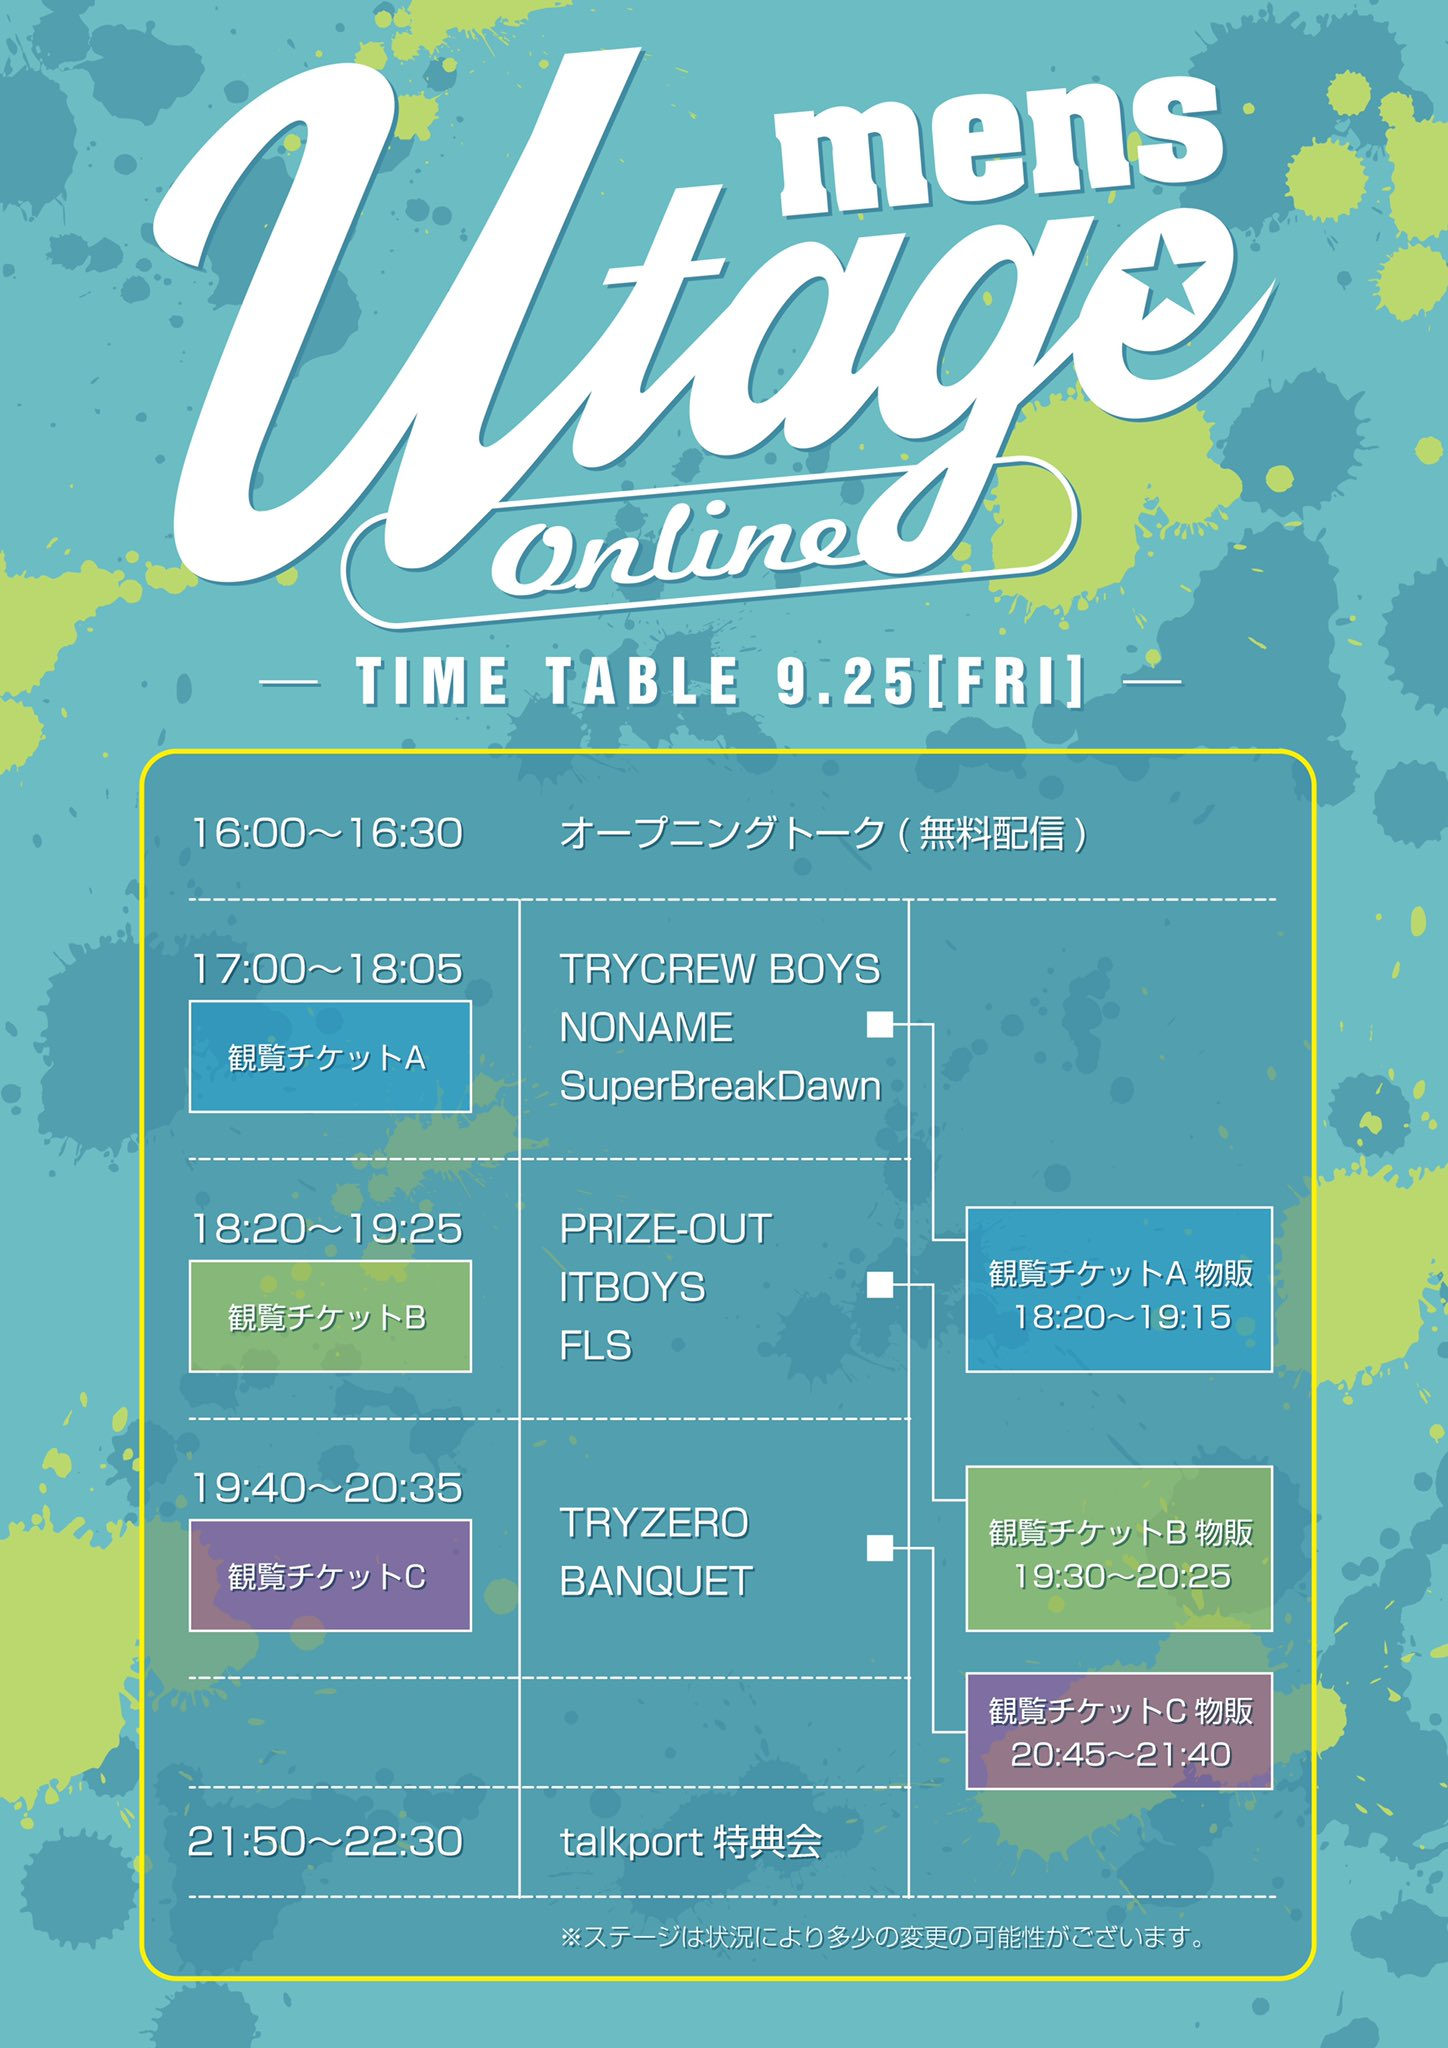 Utage☆mens online vol.5